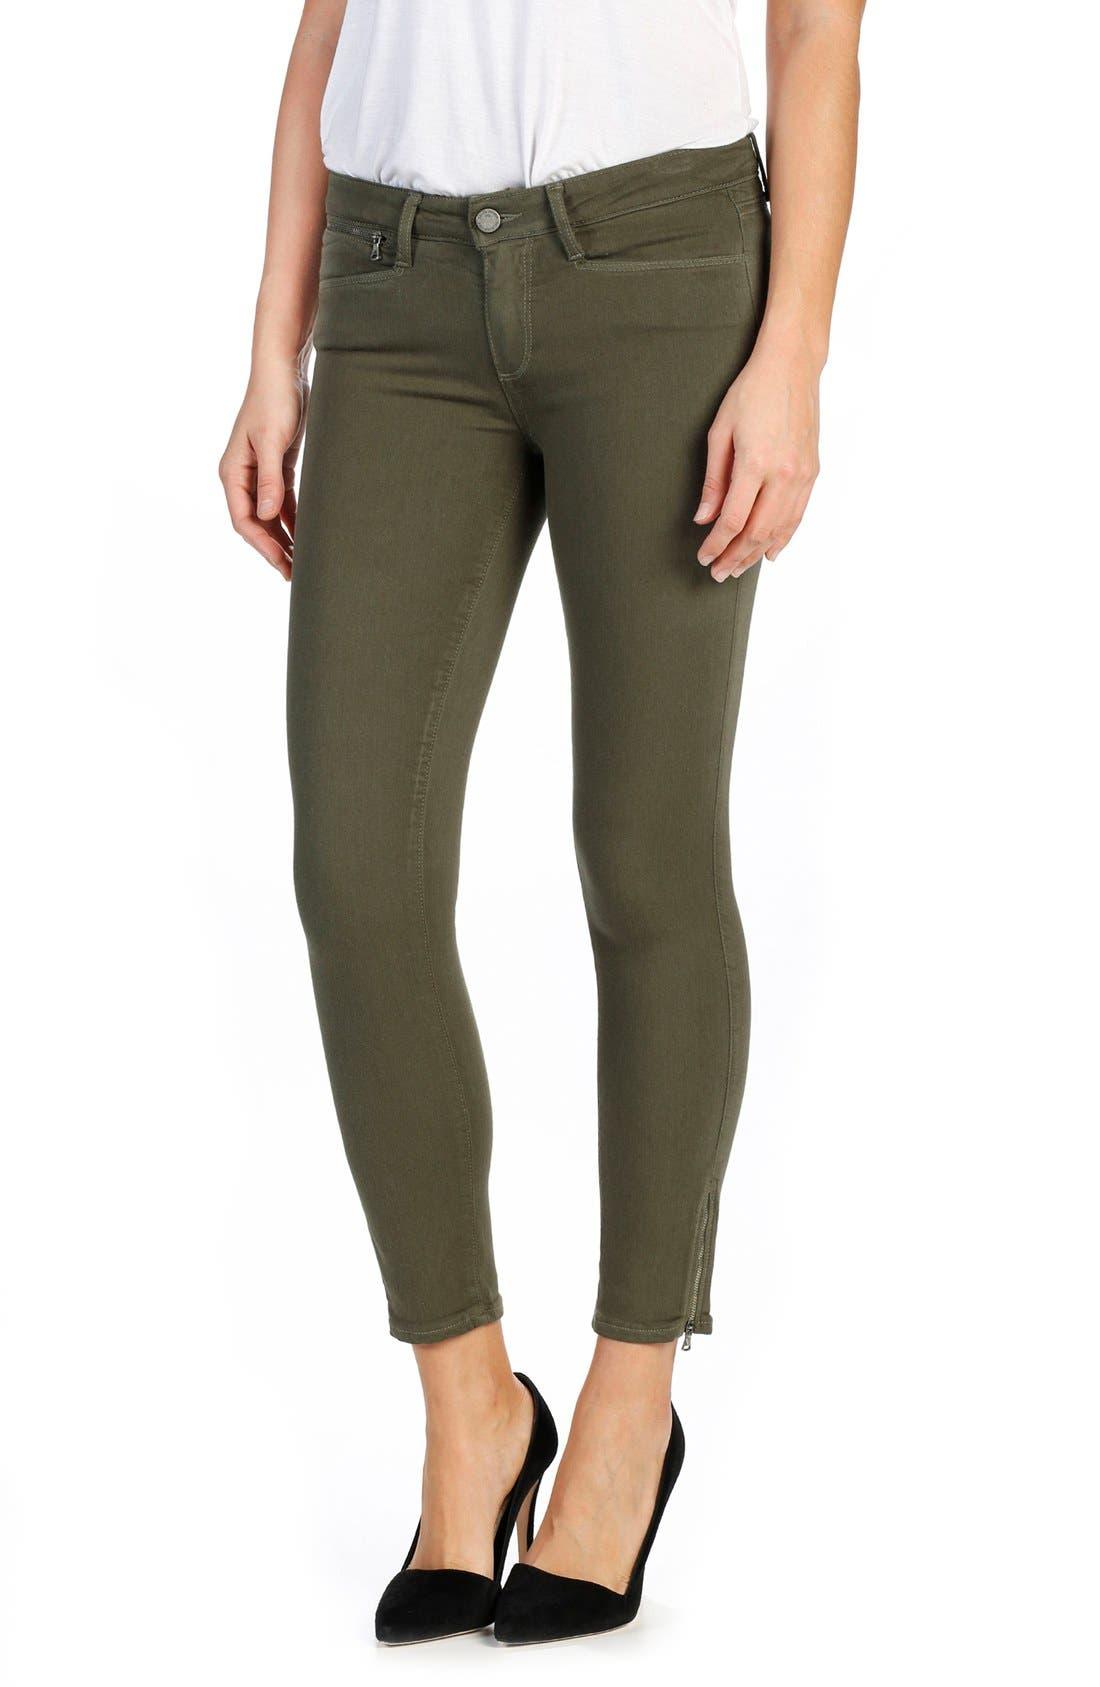 Alternate Image 1 Selected - PAIGE Transcend Shay Ankle Skinny Jeans (Olive Leaf)